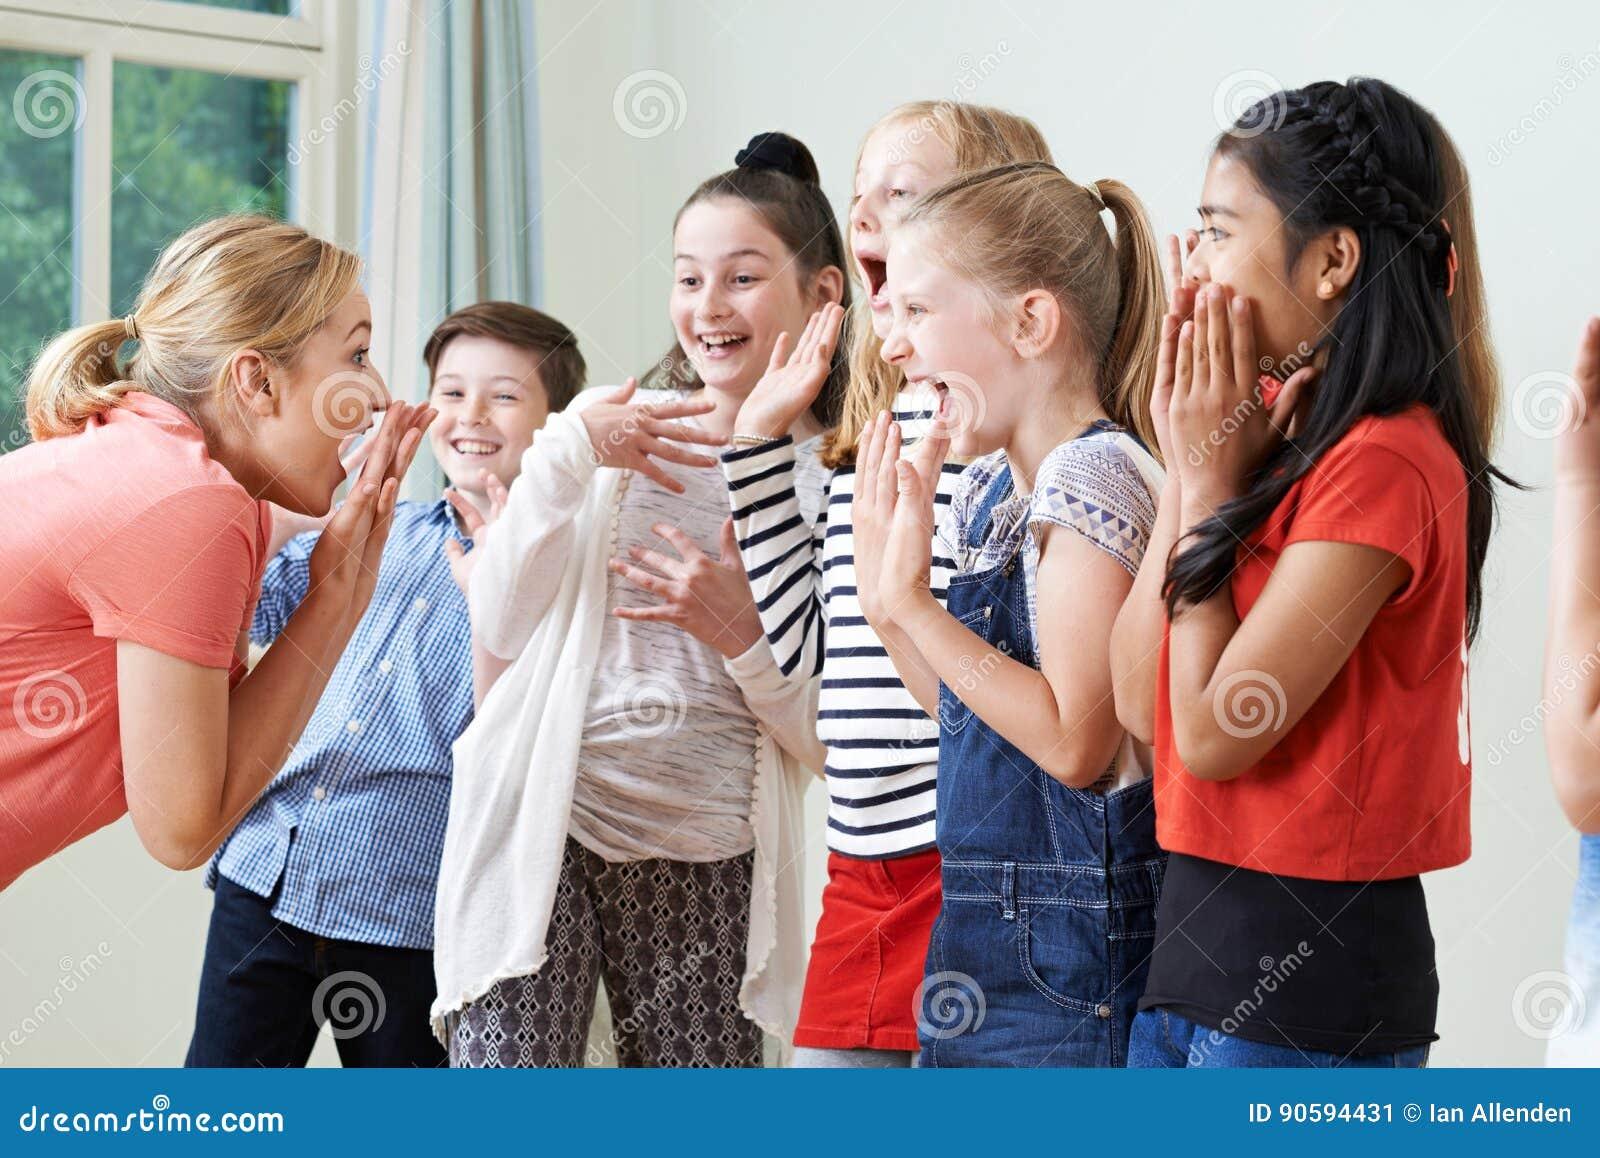 小组有一起享受戏曲类的老师的孩子